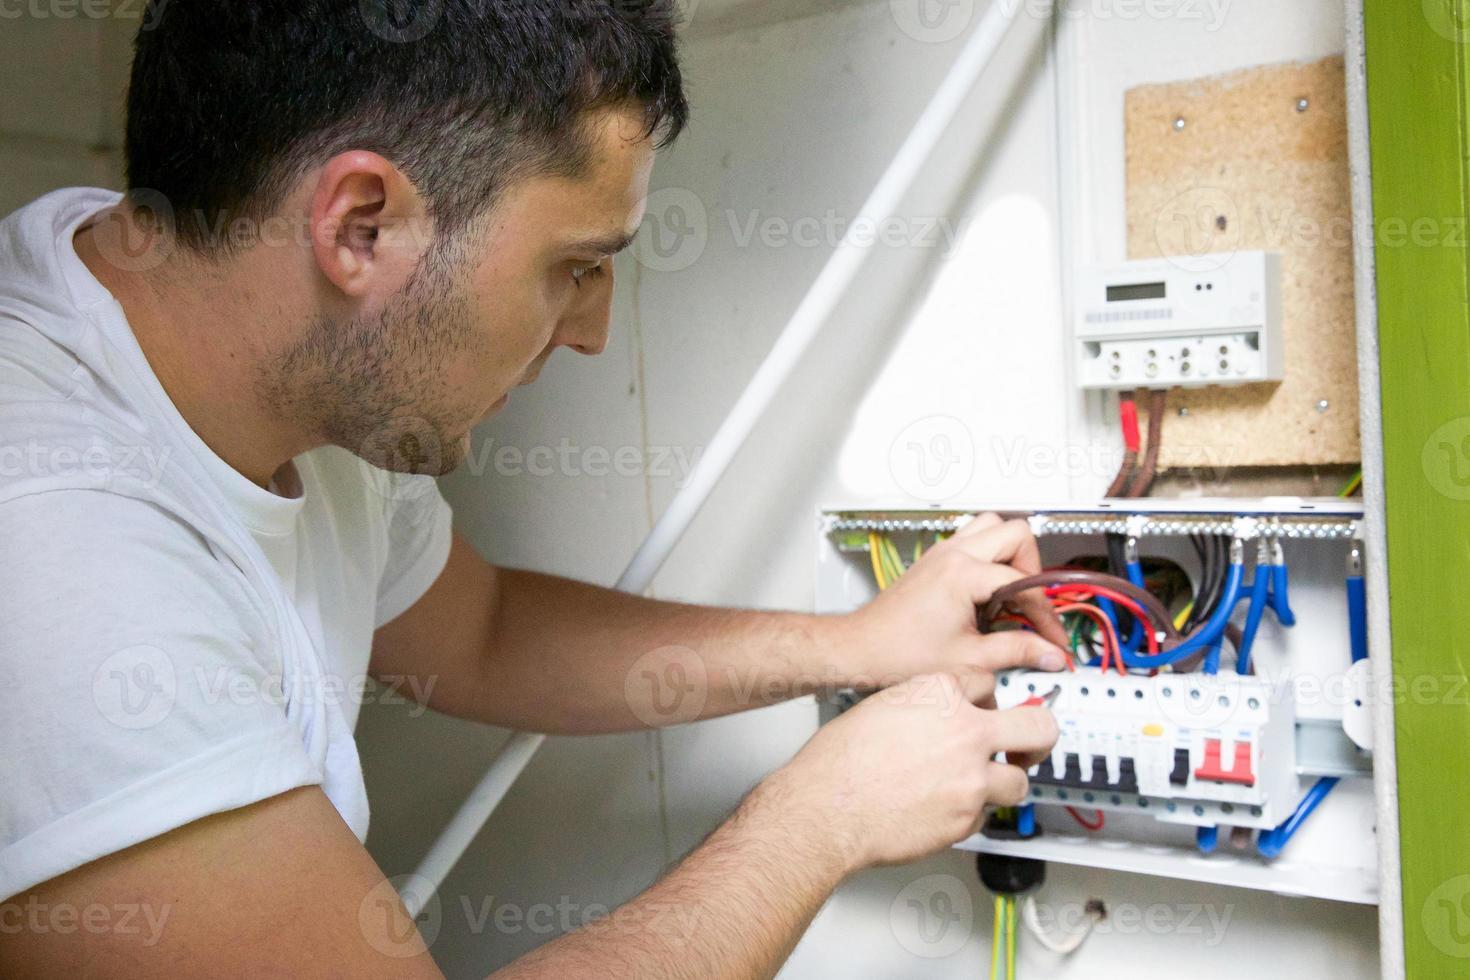 elettricista che collega un nuovo interruttore per una proprietà residenziale foto